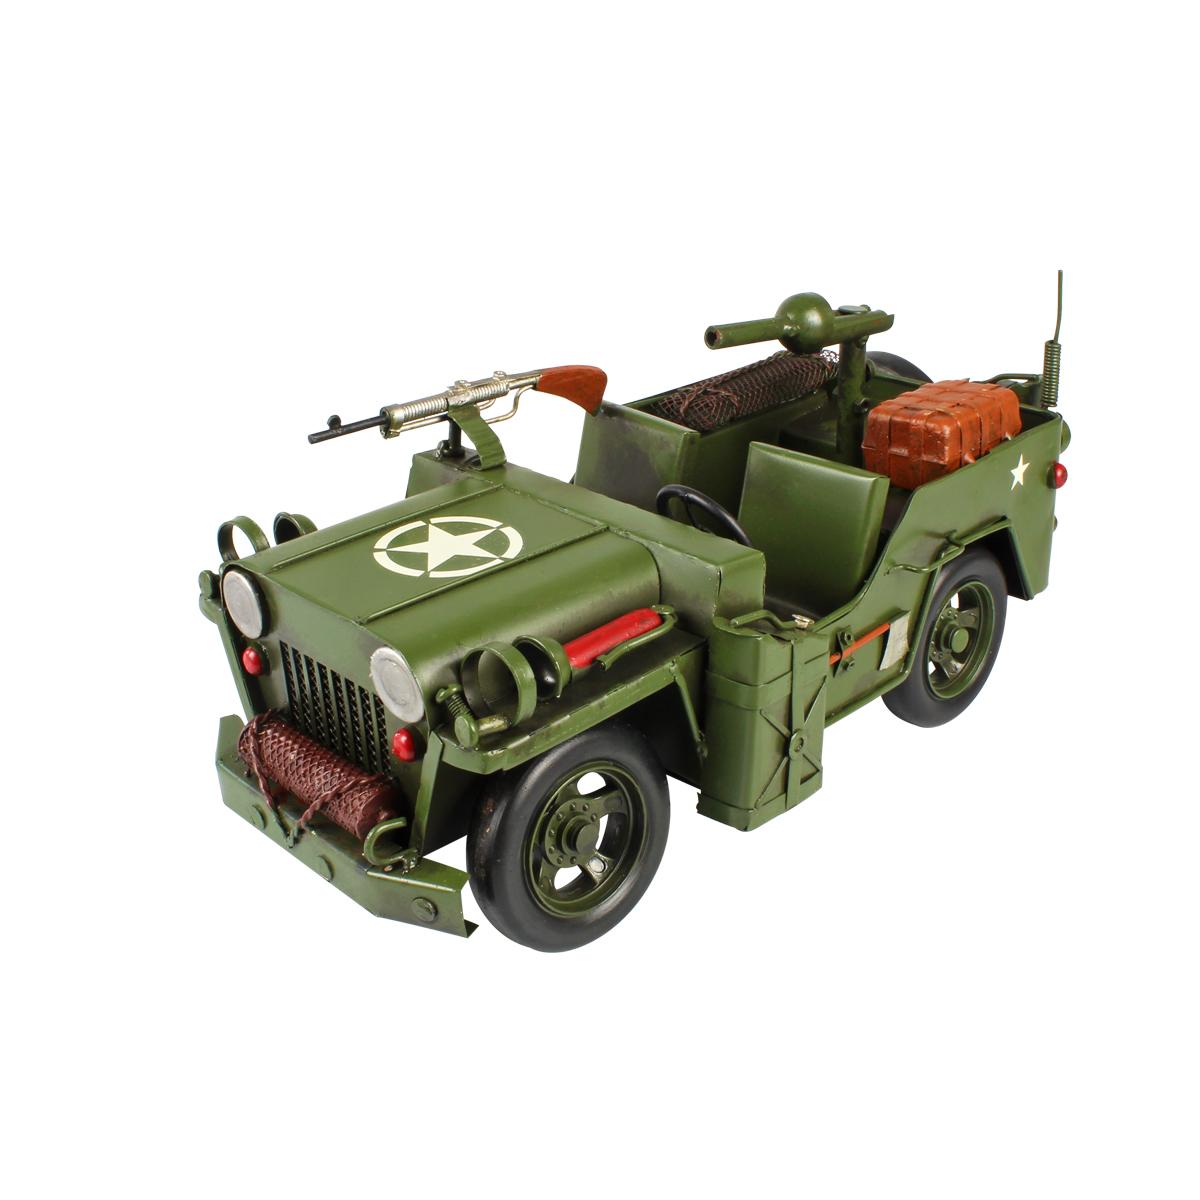 Colecionável Jeep Militar de Metal Verde Arm 31cm Estilo Retrô